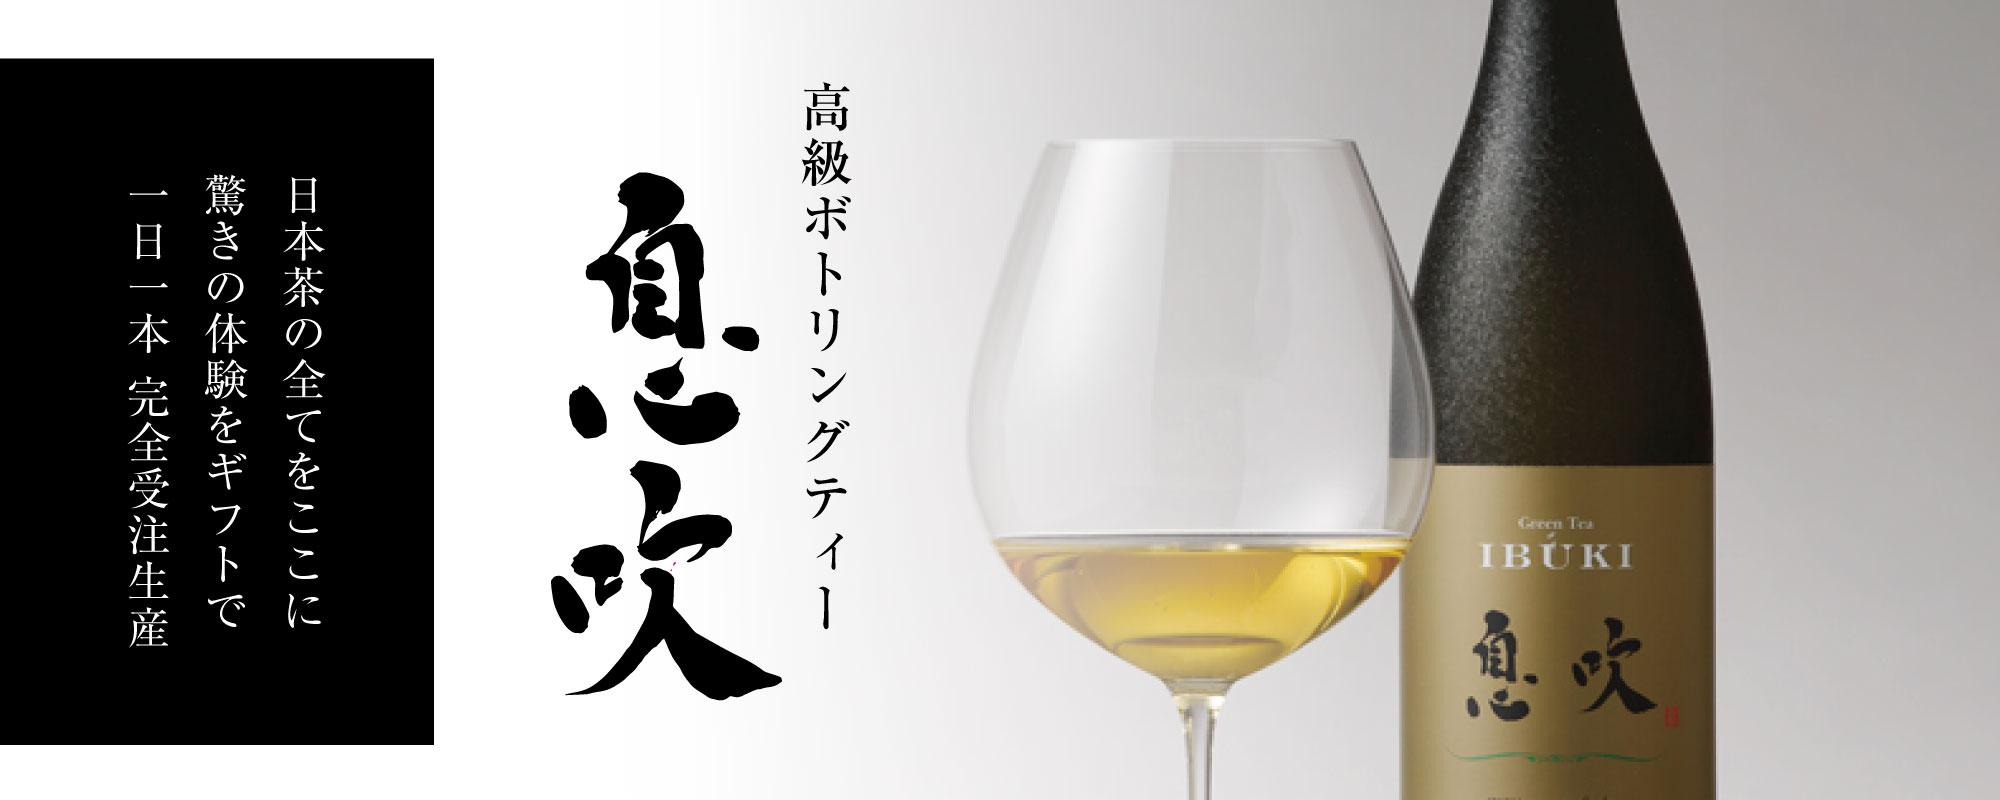 ボトリングティー息吹「高級な日本茶ギフト」特別な贈り物